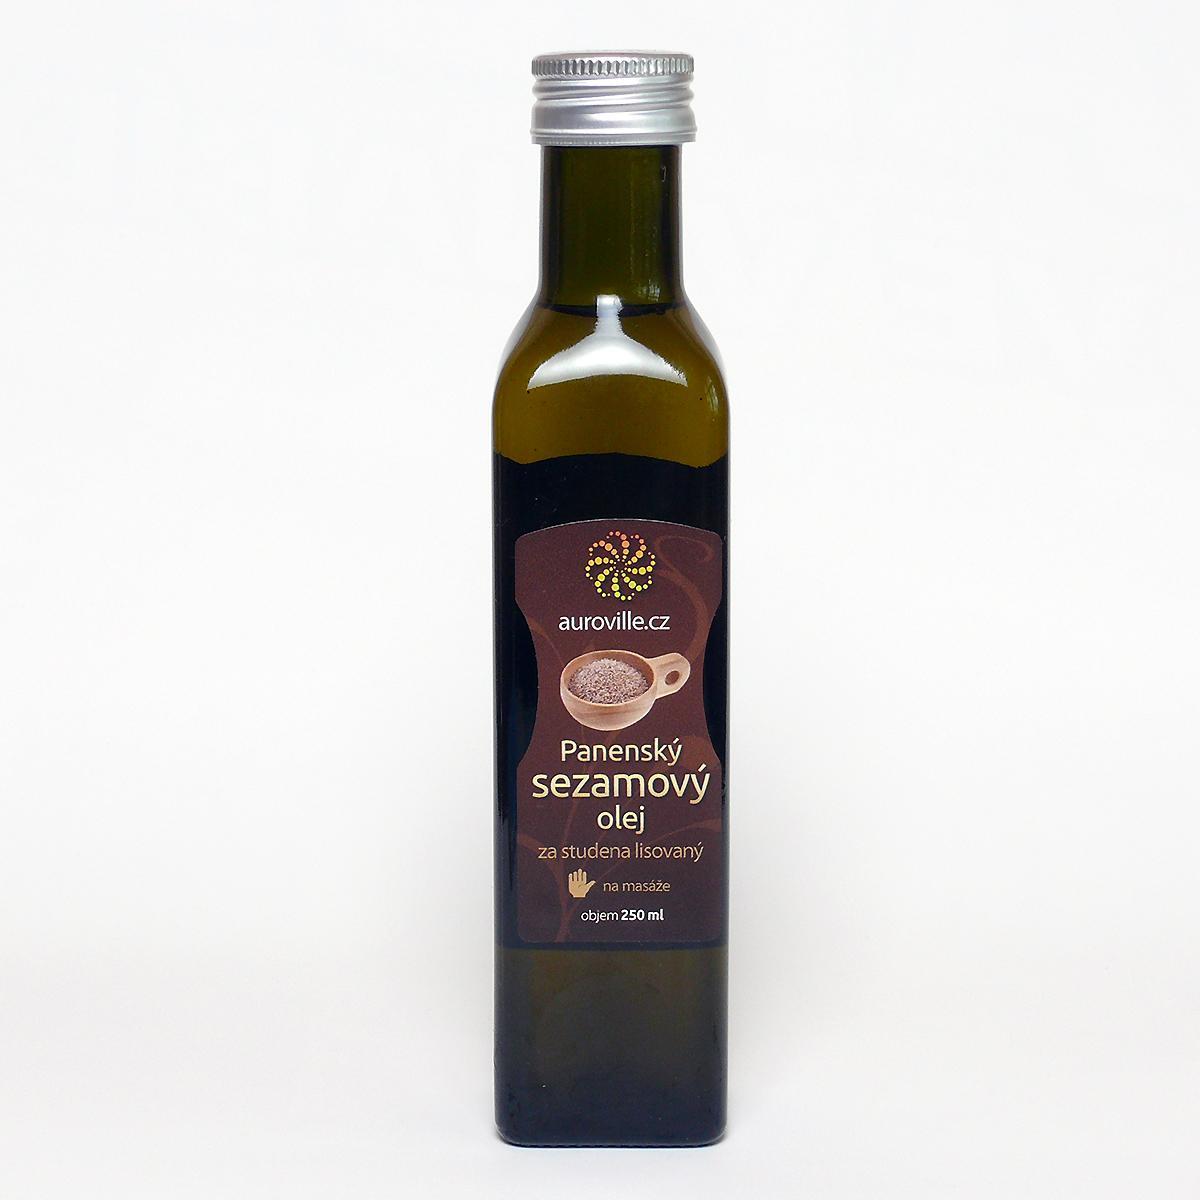 Auroville Sezamový olej bio 250 ml